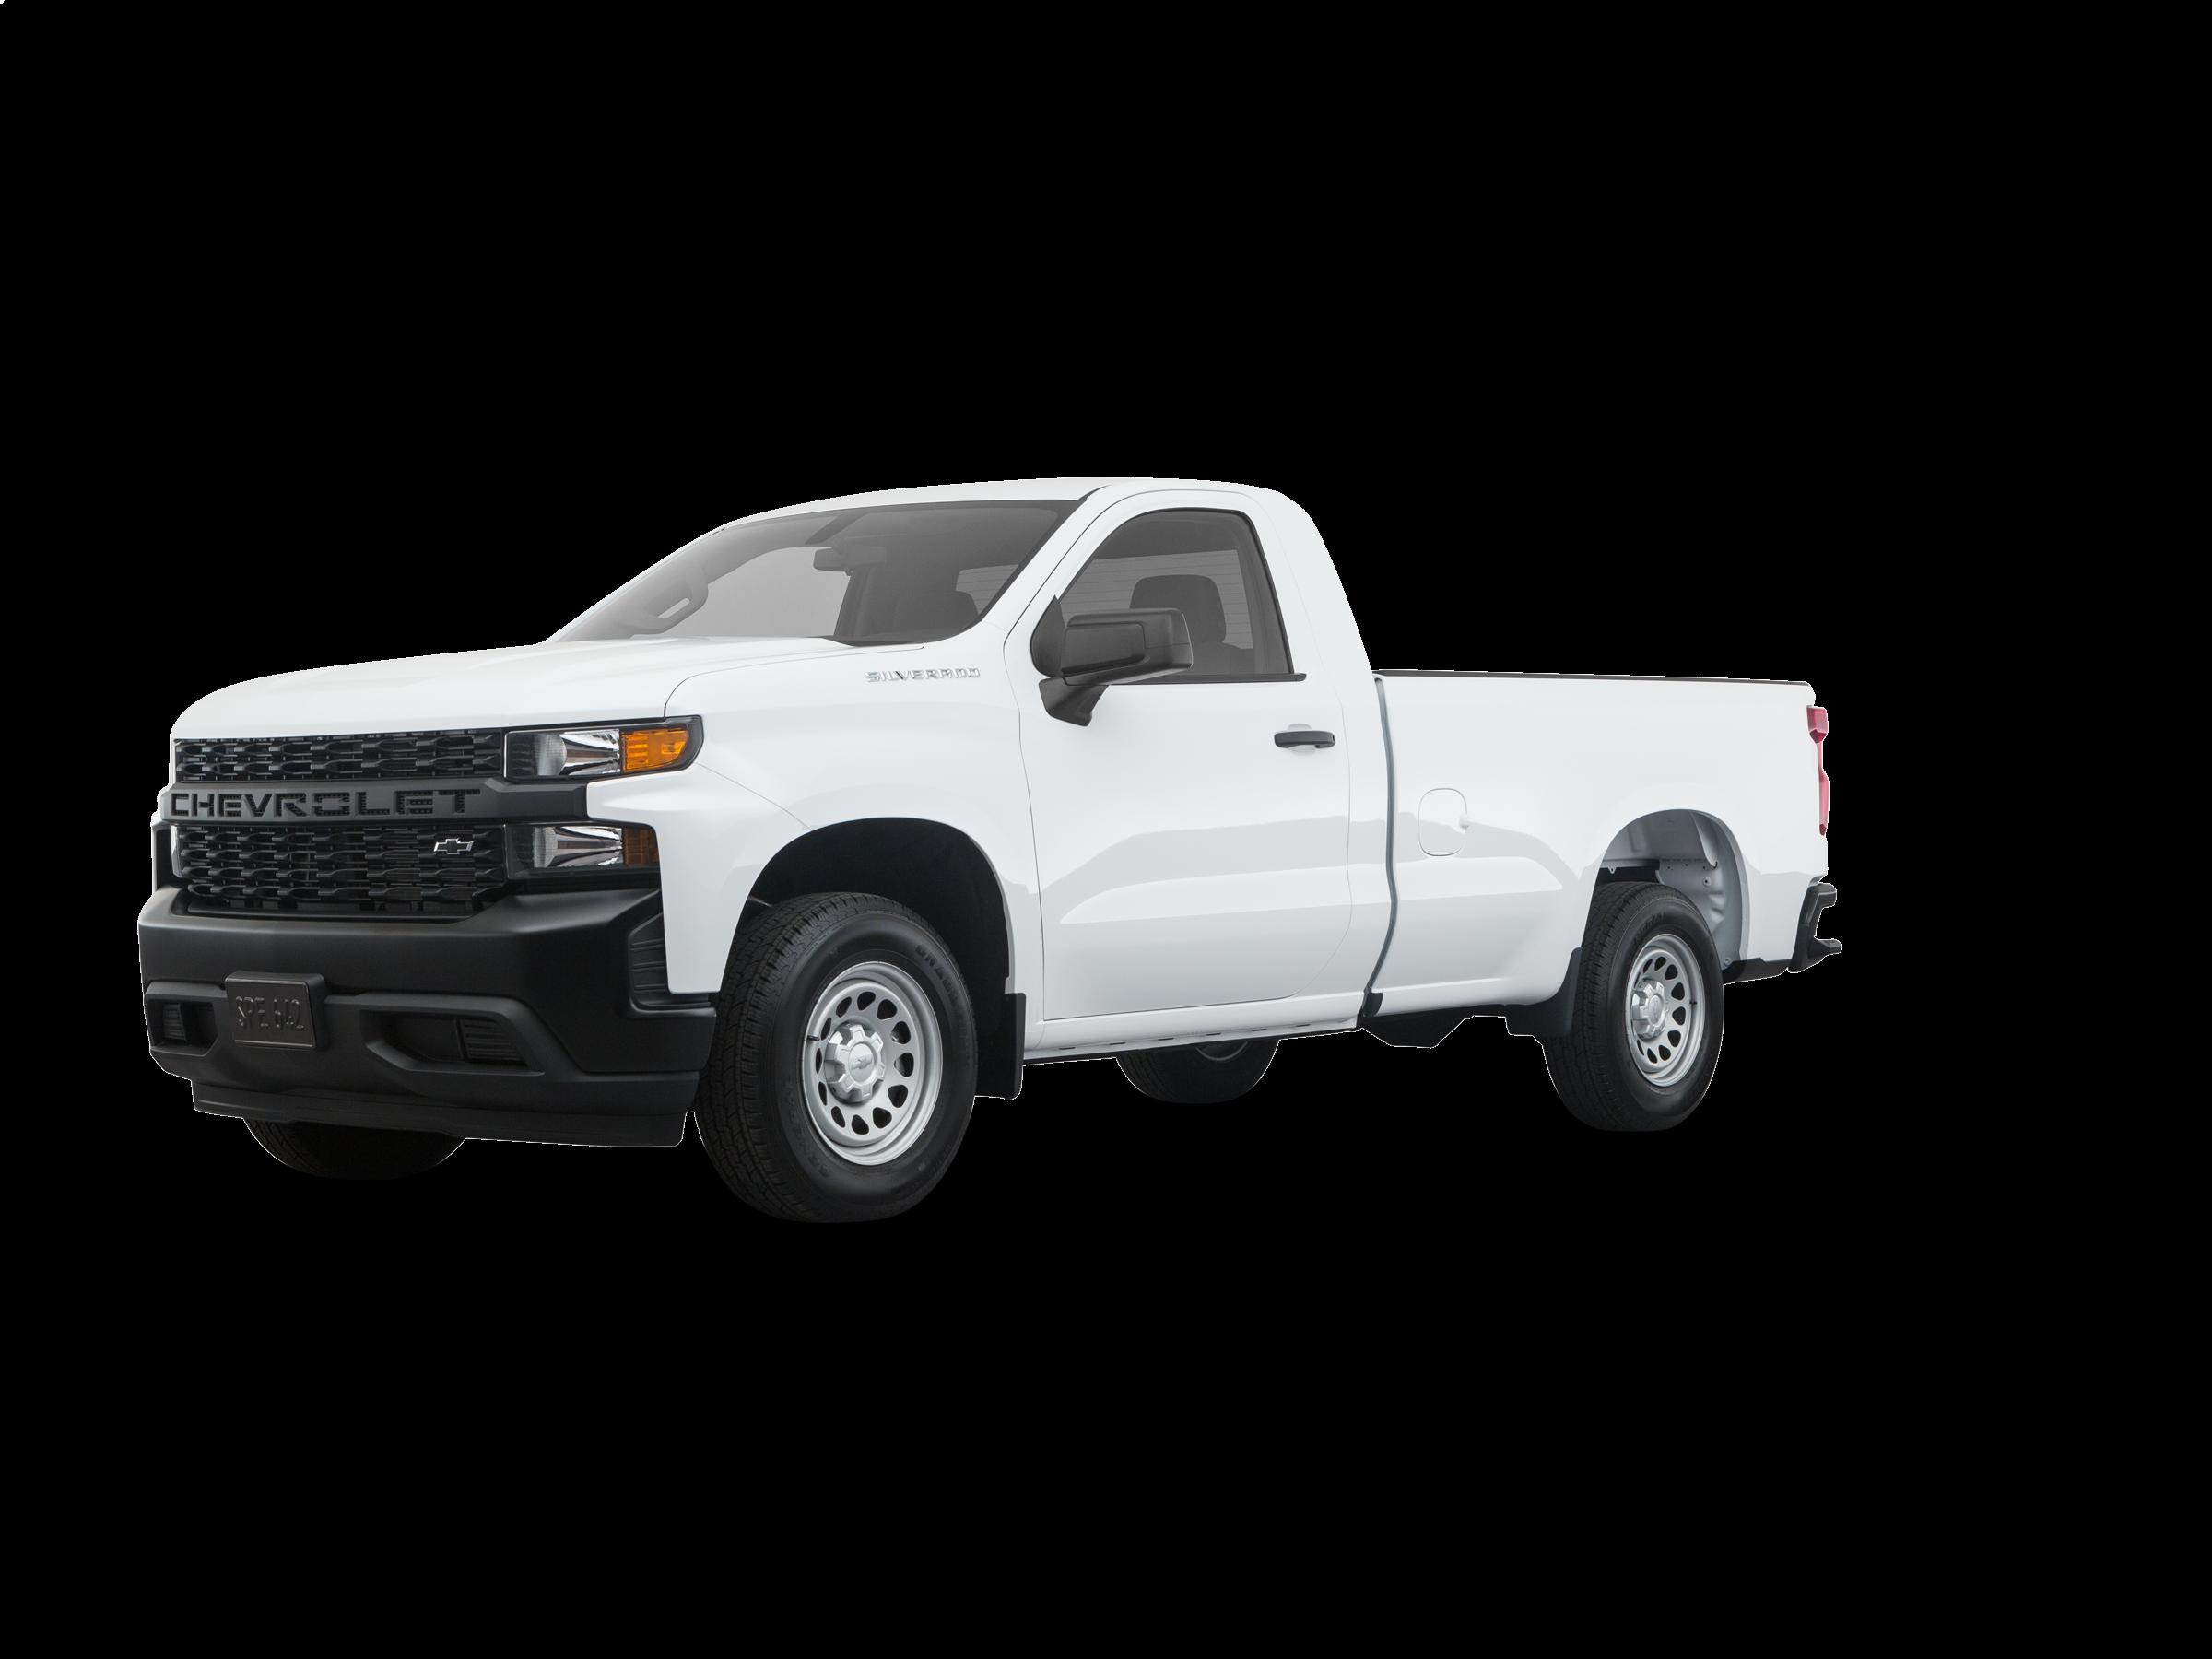 2021 Chevrolet Silverado 1500 Reviews Pricing Specs Kelley Blue Book